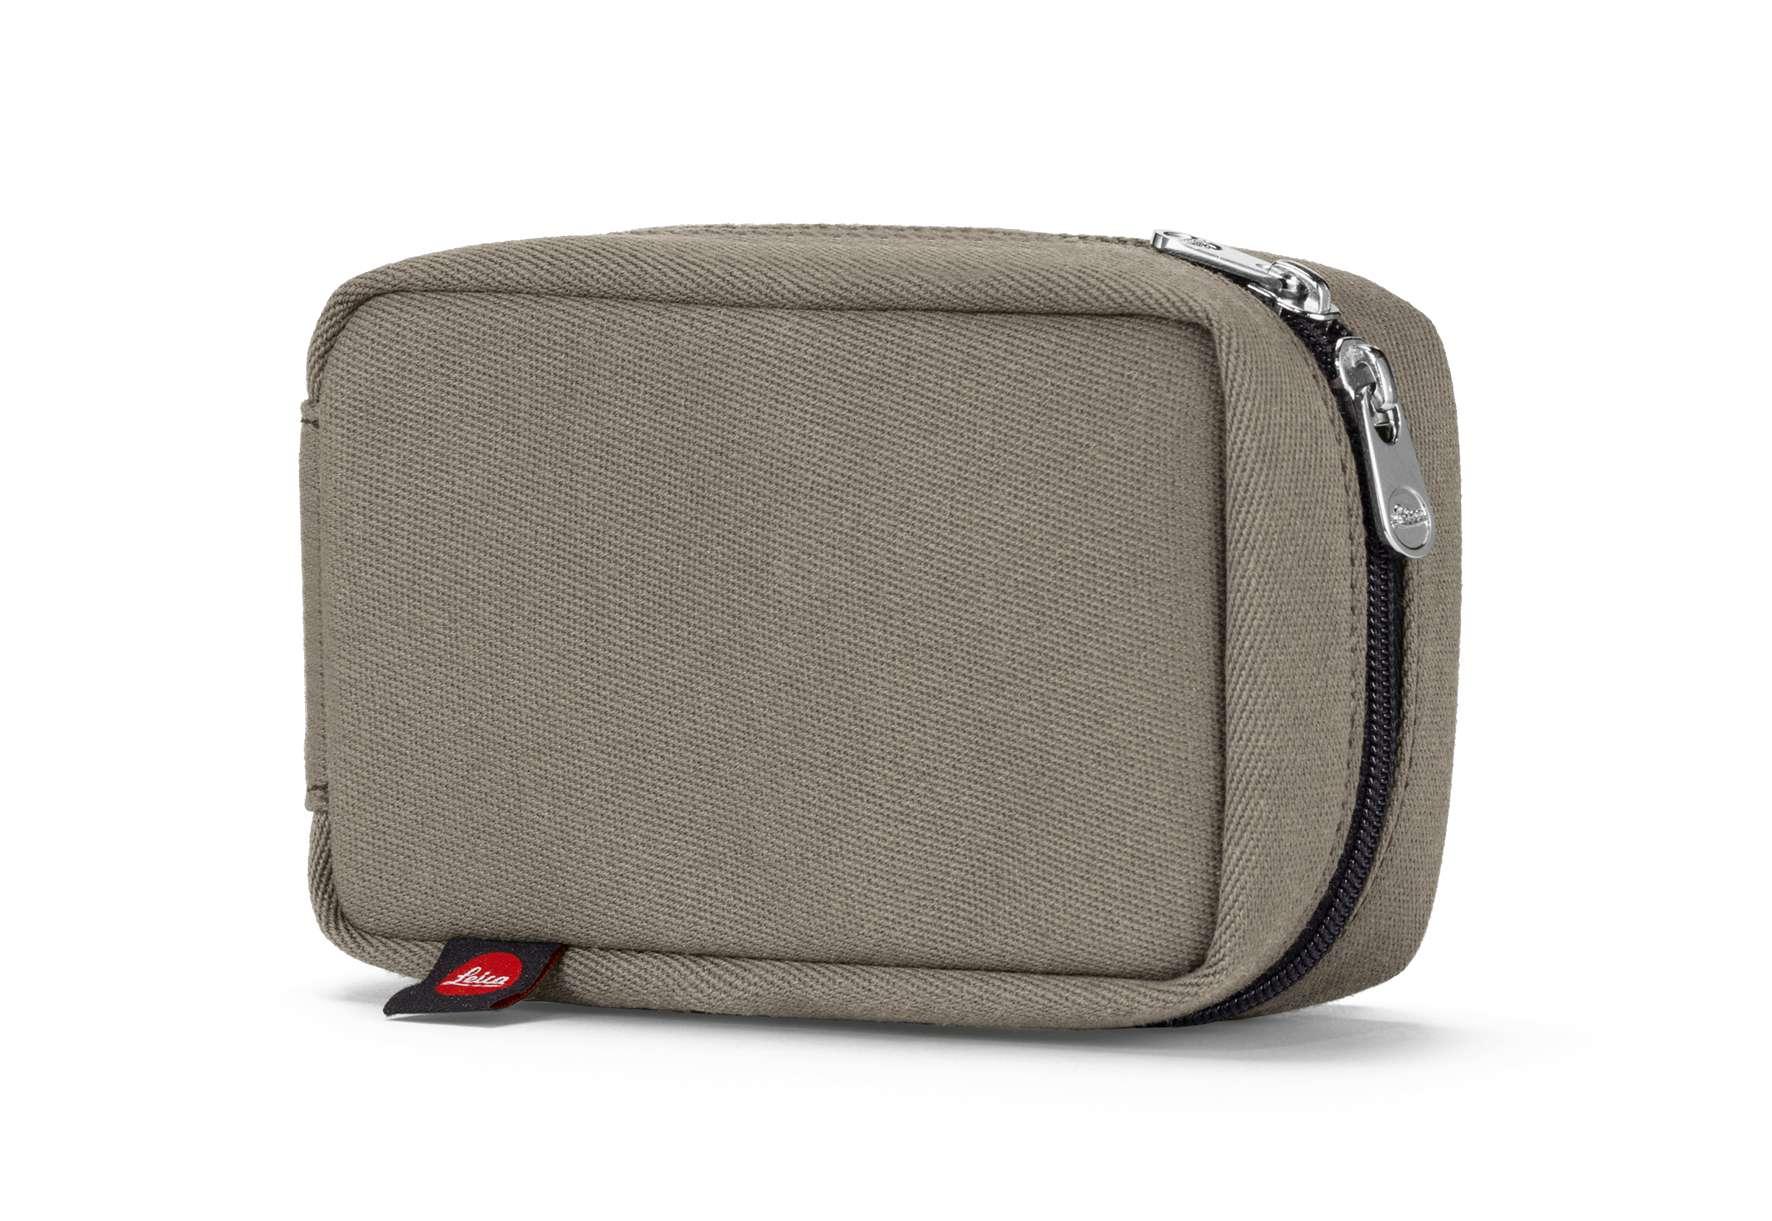 b8d56cfa45b3f Outdoor Tasche C-Lux